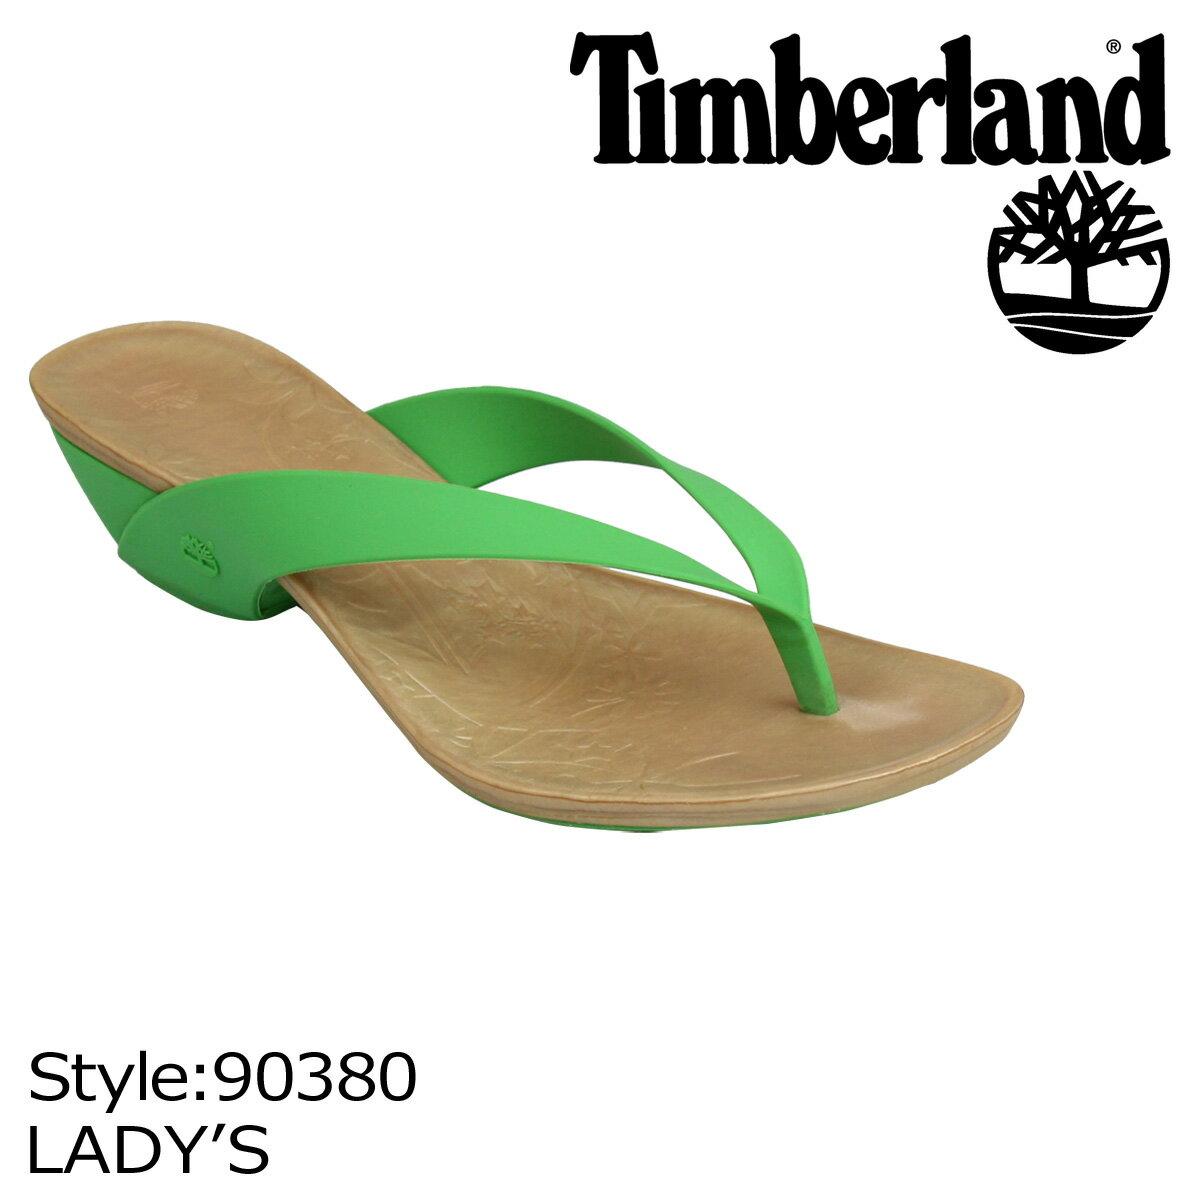 ティンバーランド サンダル レディース Timberland WOMEN'S FLIRTATIOUS THONG トングサンダル 90380 グリーン 【9000足】 [S50] [返品不可]